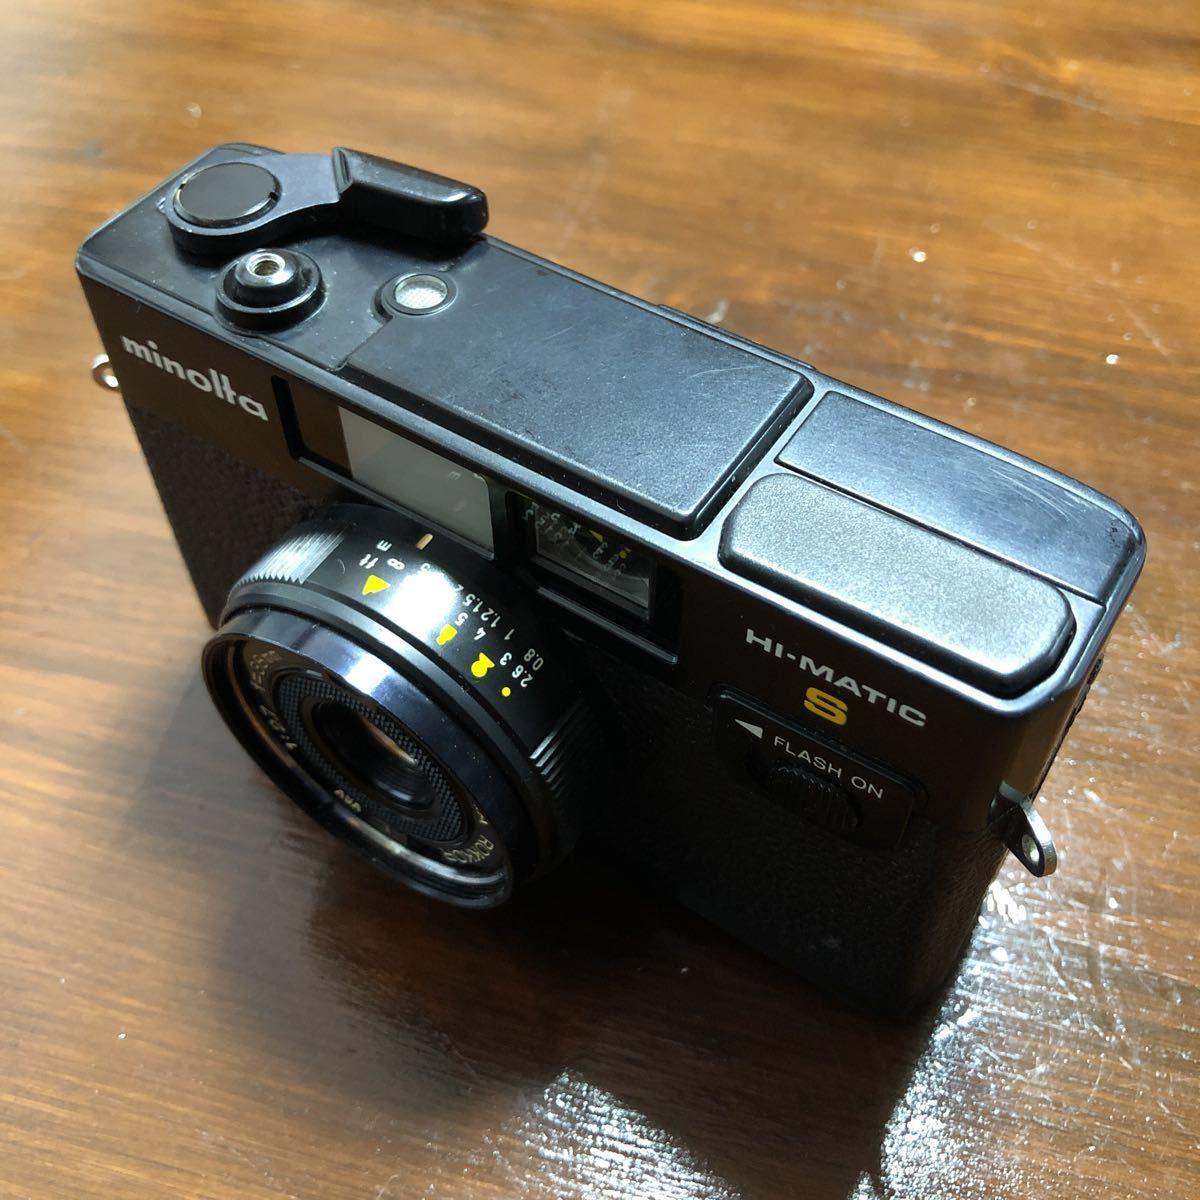 レトロ Minolta ミノルタ HI-MATIC F ブラック 黒 ROKKOR 1:2.7 f=38mm フィルムカメラ 現状品_画像4